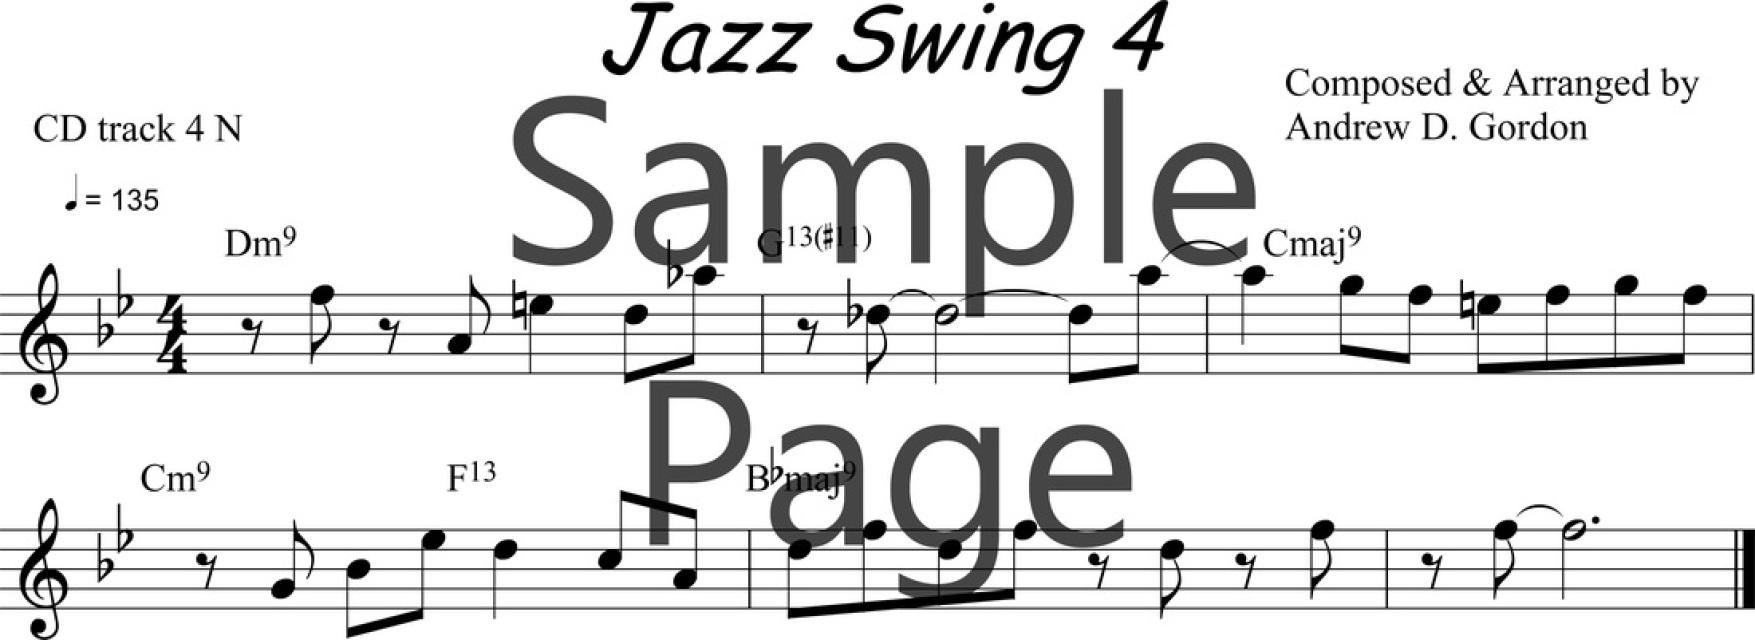 Lesson 4 PDF/MP3/MIDI/MP4video file ADG037-04 Bb version